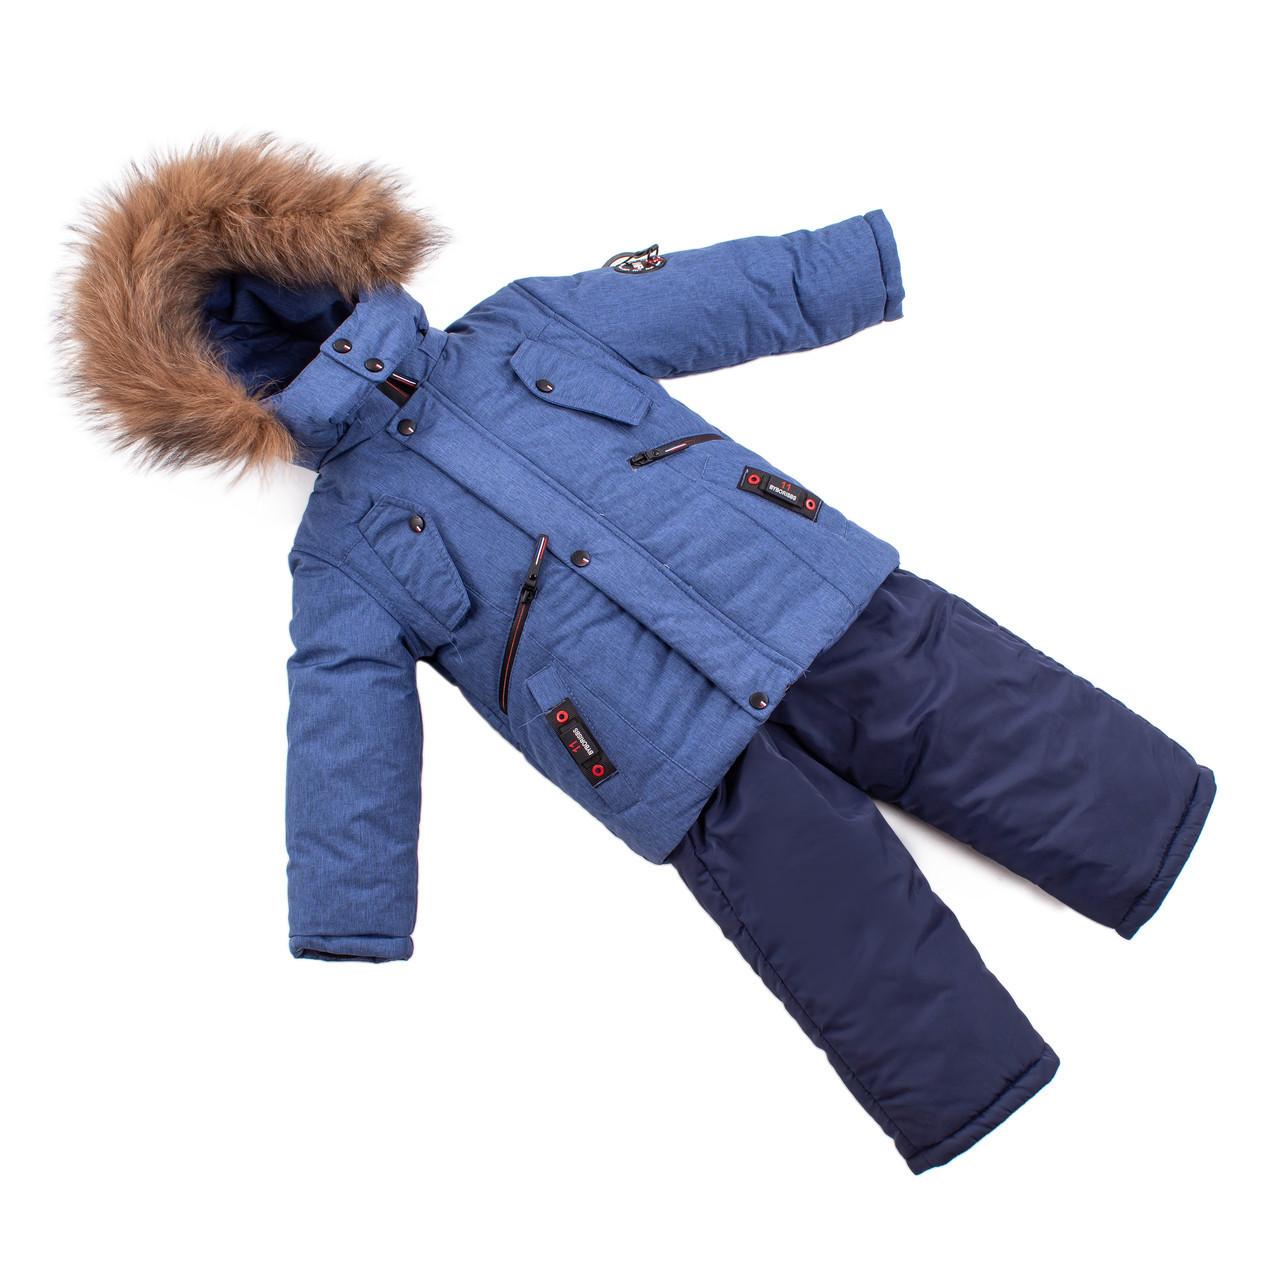 Детские зимние комбинезоны на мальчиков  22-28 джинс